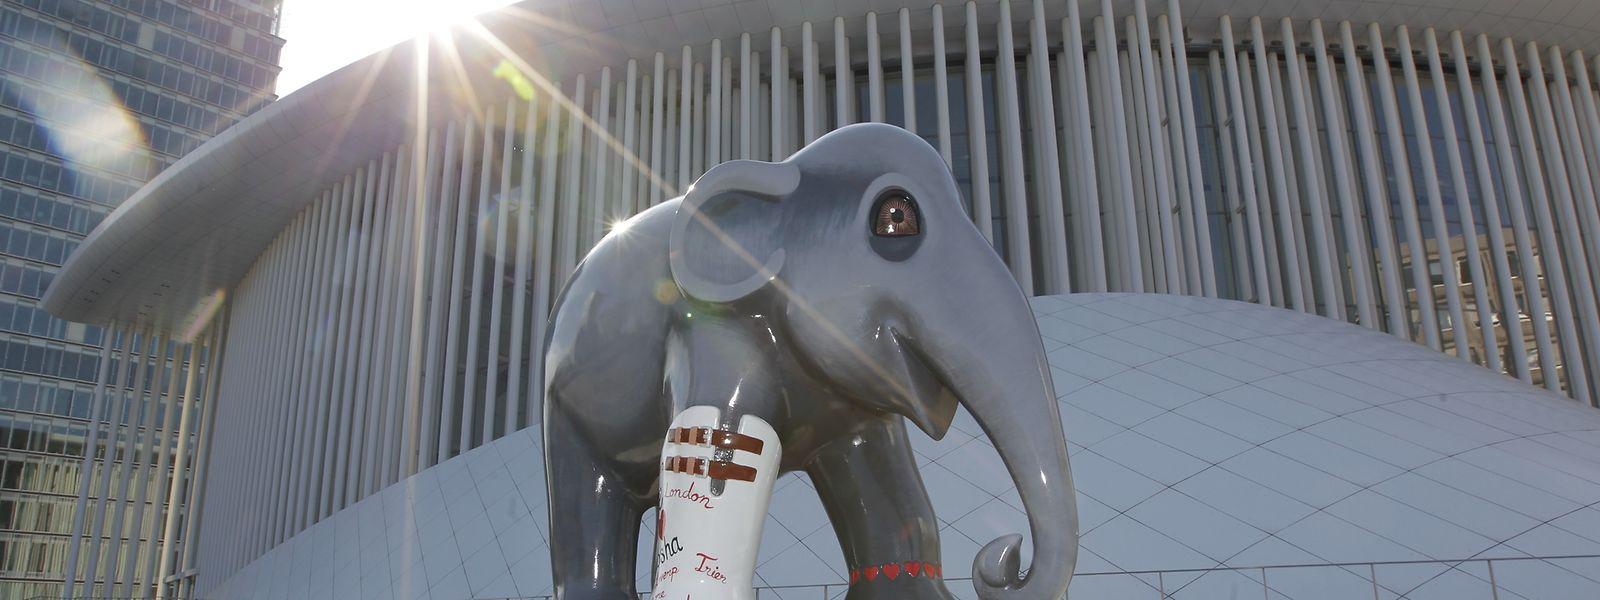 Un invité de l'«Elephant Parade» sur le parvis de la Philharmonie de Luxembourg en 2013.